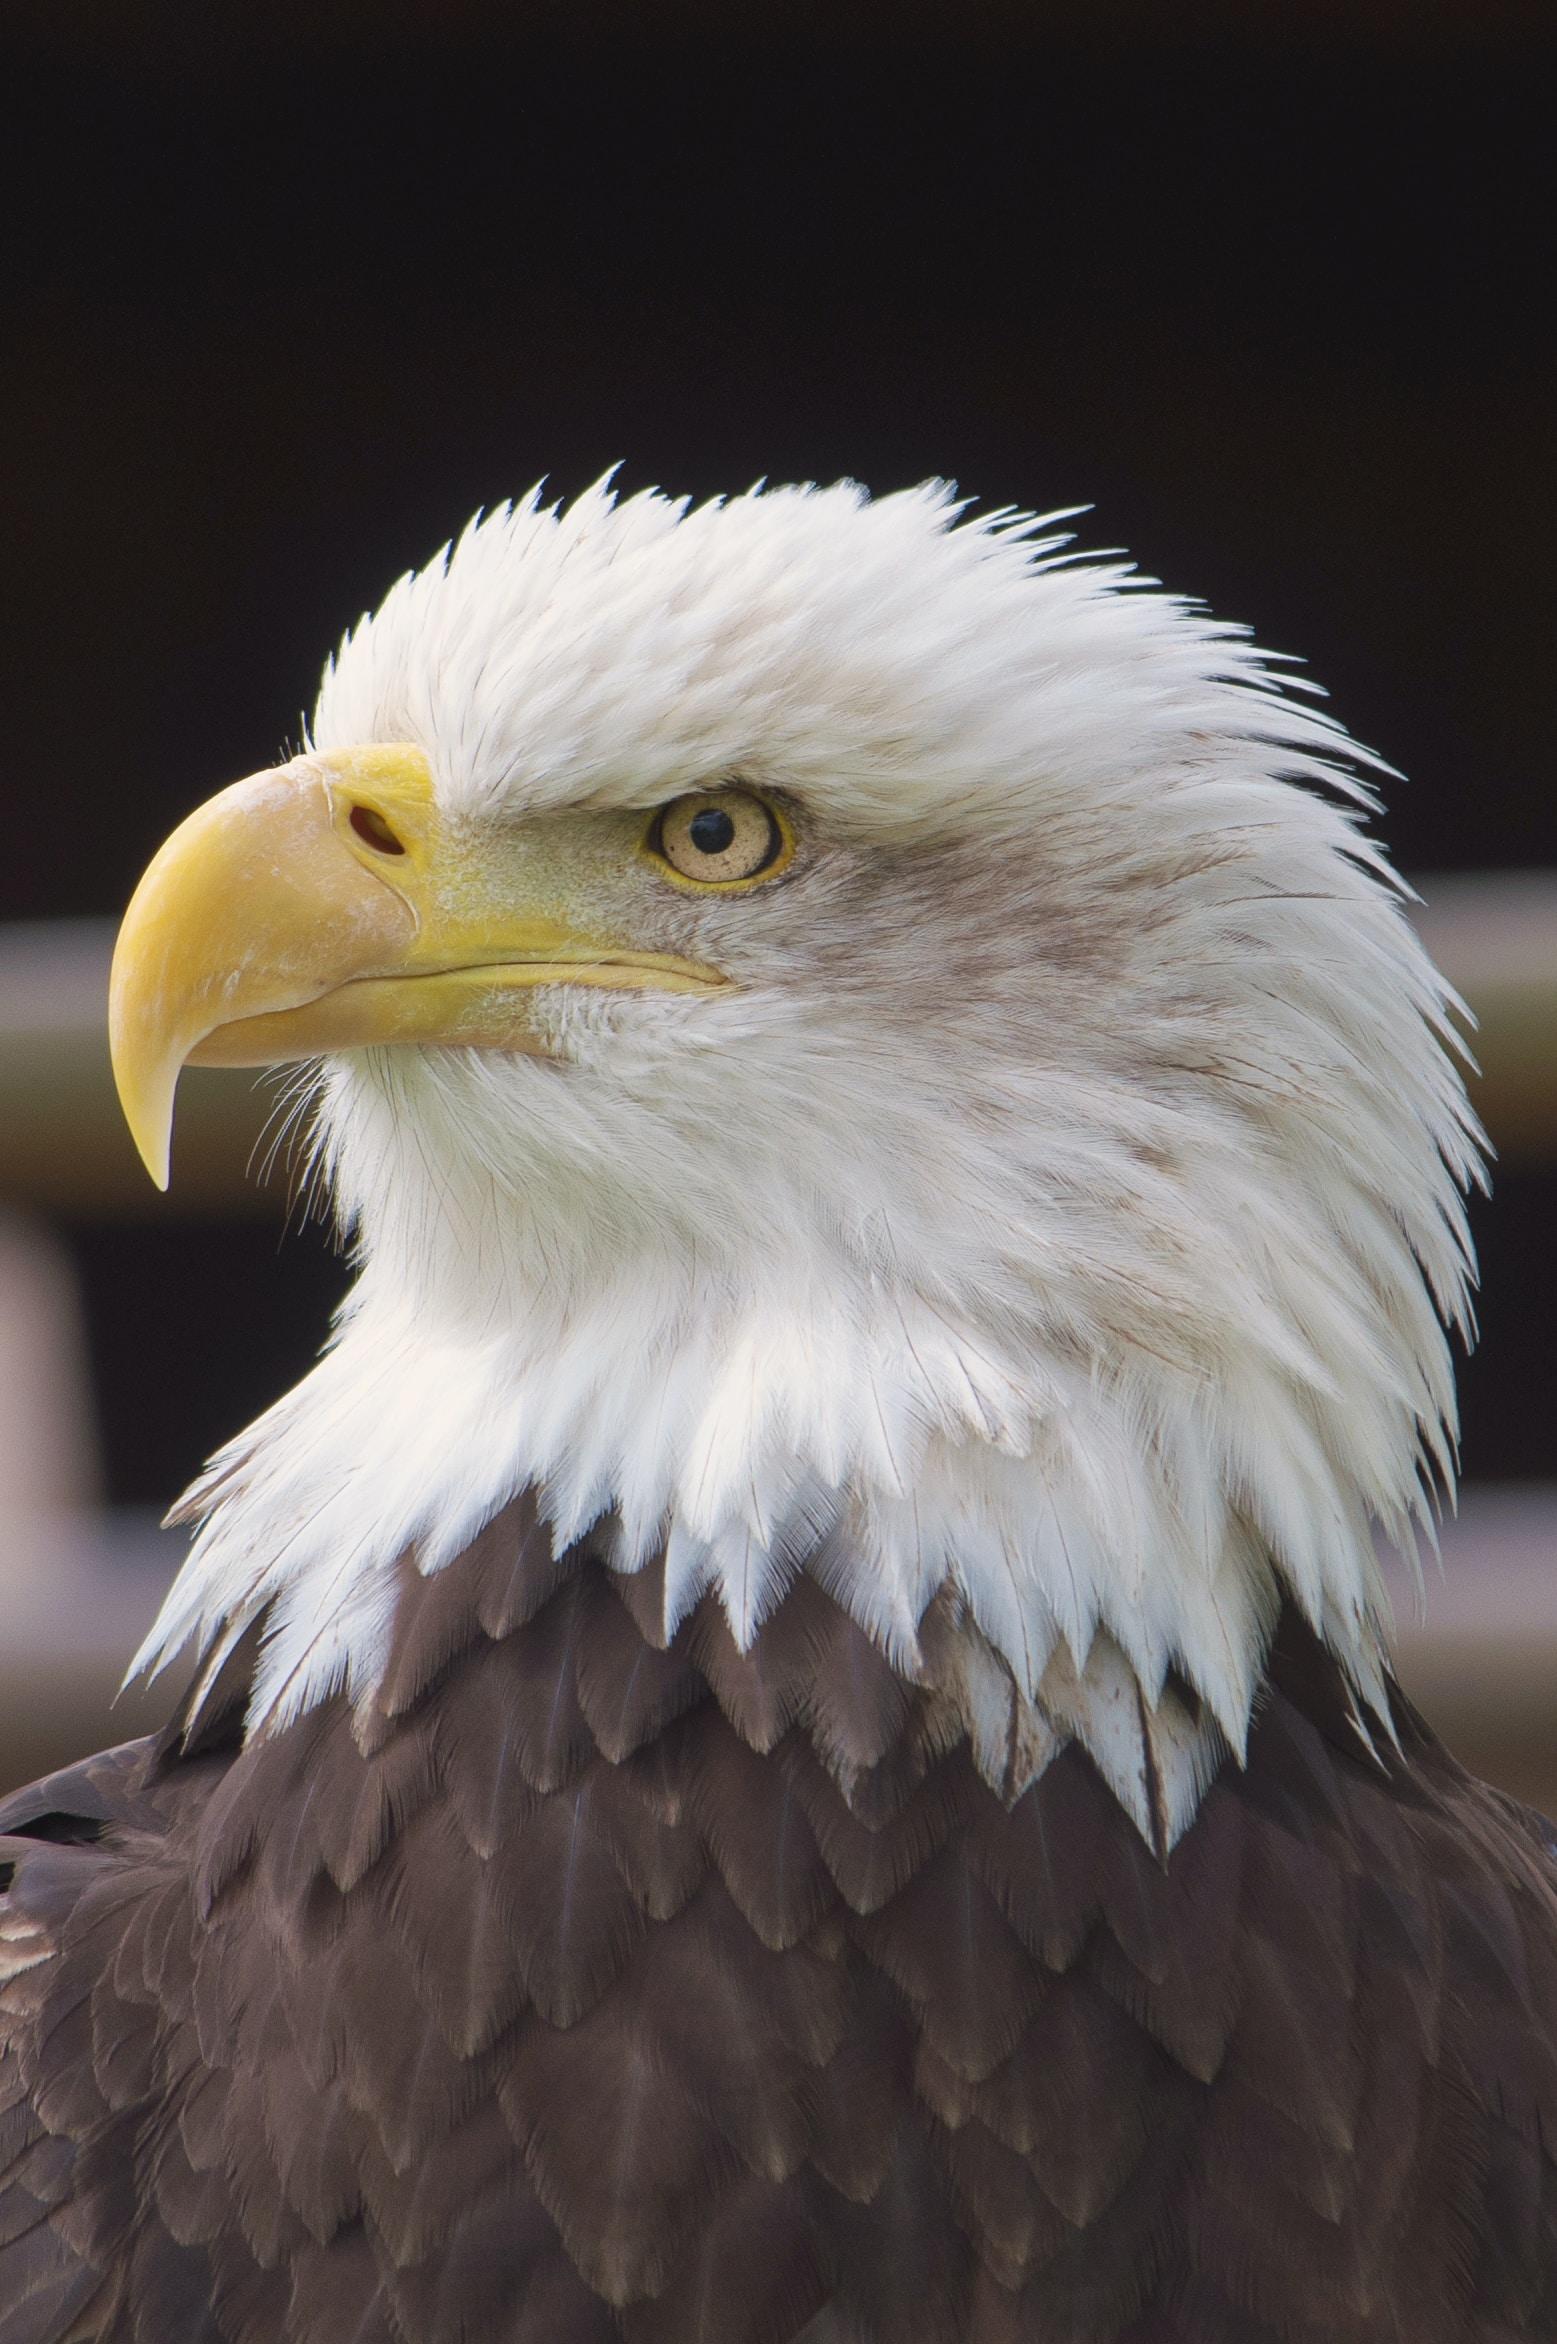 An eagles intention - Haiku - haiku stories